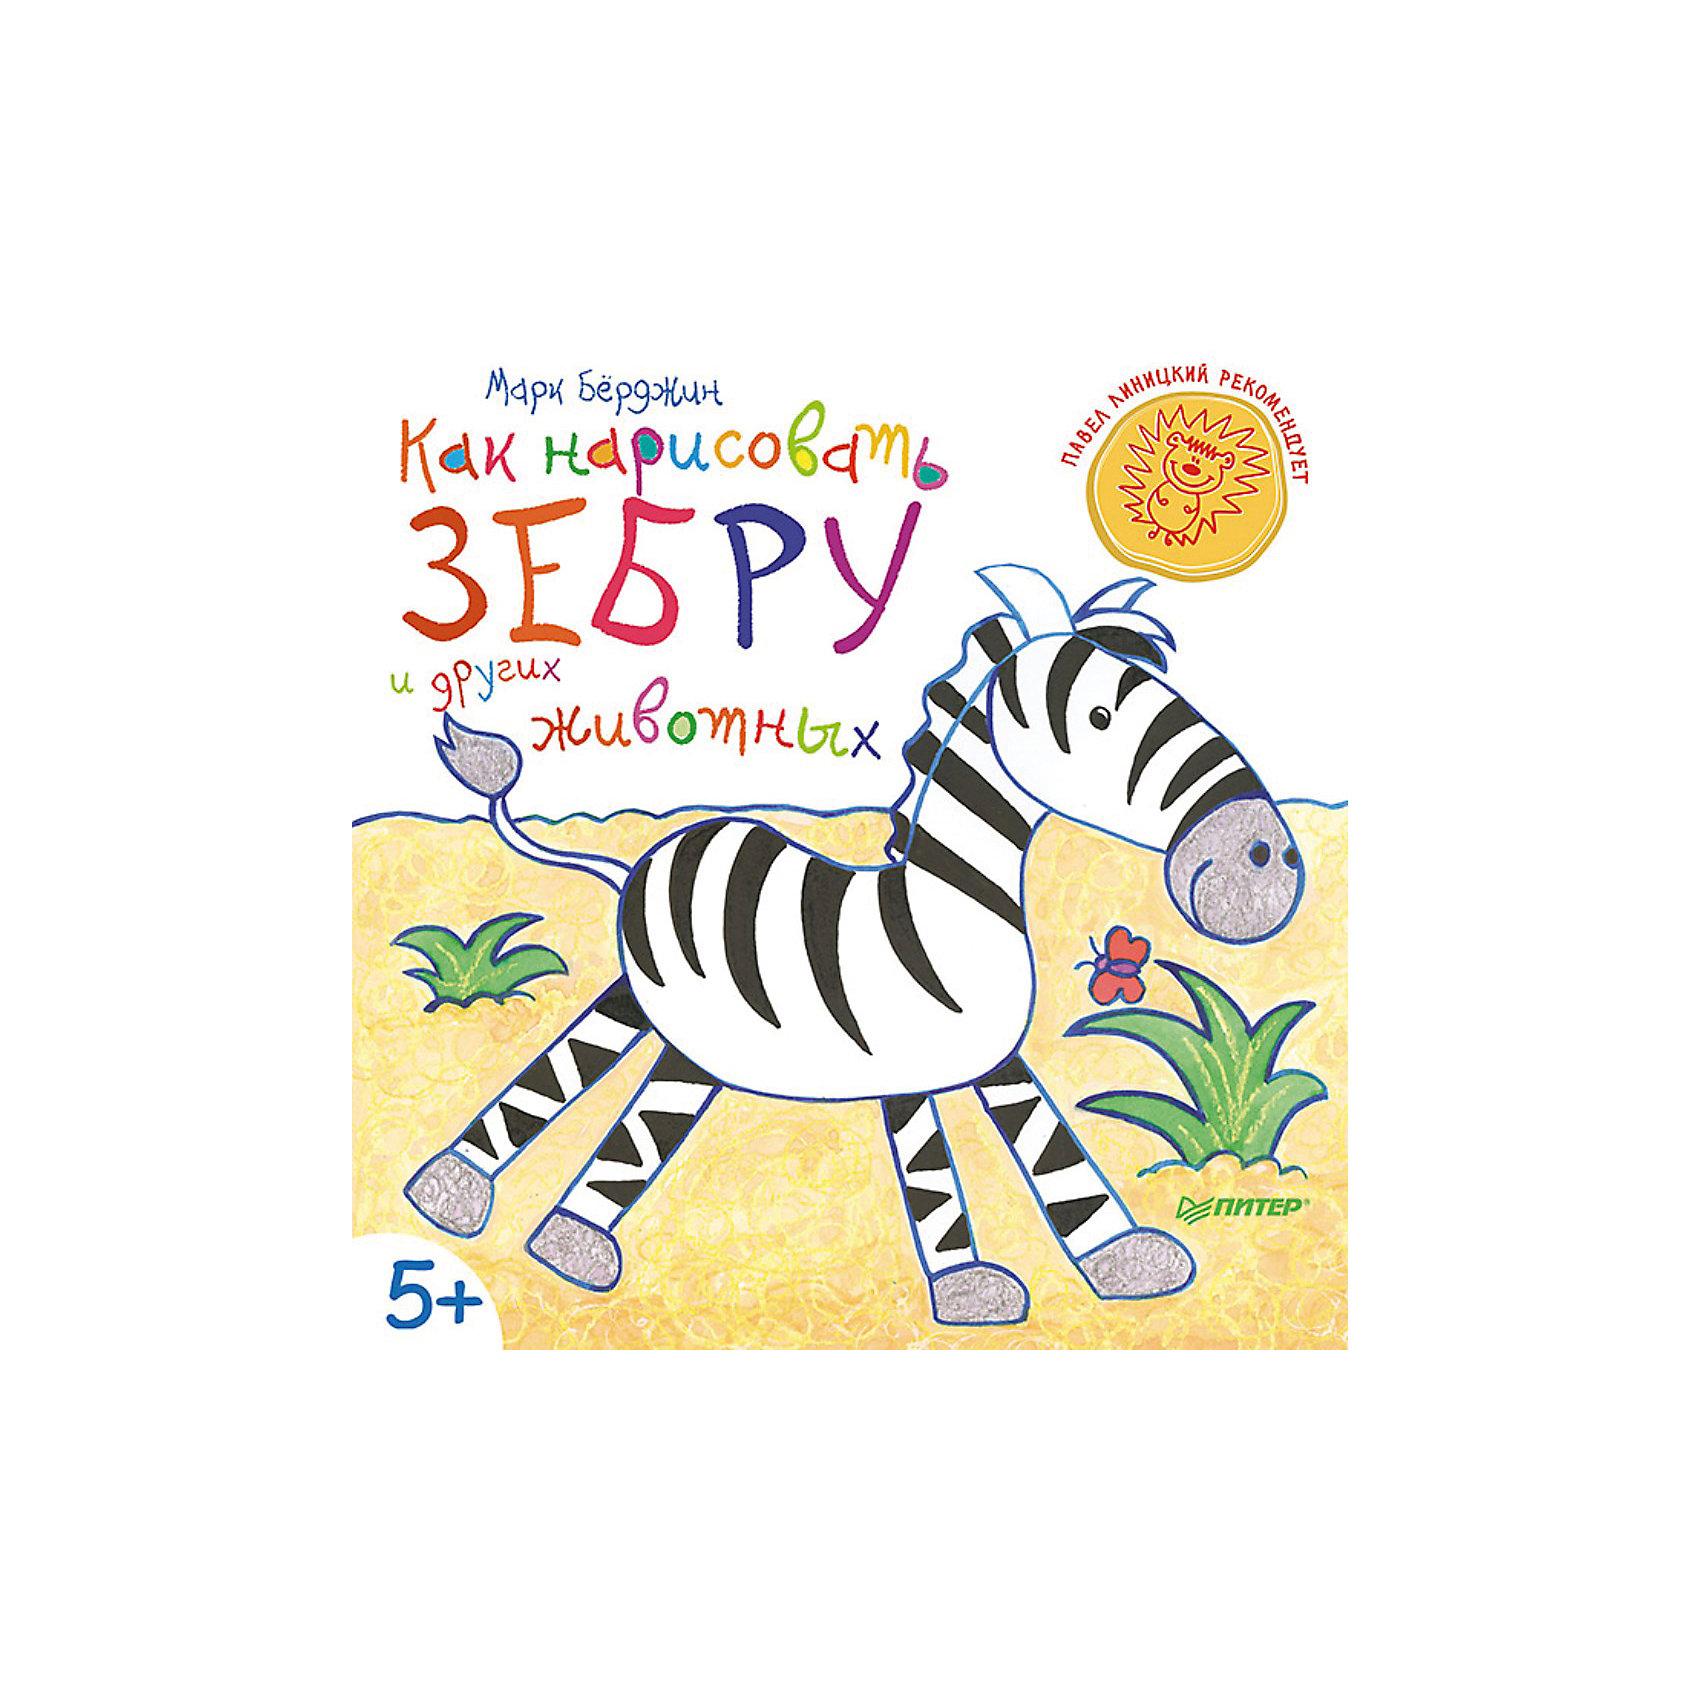 Книга Как нарисовать зебру и других животныхХарактеристики книги Как нарисовать зебру и других животных: <br><br>• ориг.название: Its Fun to Draw Safari Animals<br>• формат издания: 22 х29 см (большой формат)<br>• количество страниц: 48<br>• год выпуска: 2015<br>• издательство: Питер<br>• серия: Вы и Ваш ребенок<br>• переплет: мягкая обложка<br>• цветные иллюстрации: да<br>• язык издания: русский<br>• возраст: от 5 лет <br>• тип издания: отдельное издание<br>• вес в упаковке: 130 г<br><br>Хотите научиться рисовать зебру, страуса и даже антилопу-гну и бабуина? (Кстати, Вы знали, что взрослый бабуин может победить леопарда?) Открывайте книжку, читайте простые пошаговые инструкции и рисуйте на радость себе и детям! Заодно расскажите малышам, что крокодил не умеет высовывать язык, а бегемот хоть и проводит весь день в воде, но почти не плавает. Забавные истории из жизни животных сафари сделают совместное рисование с детьми незабываемым. В конце книги вы найдёте блокнотик для закрепления результатов и новых экспериментов.<br><br>Об авторе:<br><br>Марк Бёрджин — английский художник, автор более 20 книг. Иллюстрации Марка были удостоены особых наград. Бёрджин оформил множество книг и плакатов, рисовал для мультфильмов и рекламных роликов. Сегодня он живёт на юге Англии с женой и тремя детьми.<br><br>Книгу Как нарисовать зебру и других животных издательства Питер  можно купить в нашем интернет-магазине.<br><br>Ширина мм: 290<br>Глубина мм: 215<br>Высота мм: 30<br>Вес г: 134<br>Возраст от месяцев: -2147483648<br>Возраст до месяцев: 2147483647<br>Пол: Унисекс<br>Возраст: Детский<br>SKU: 5480507